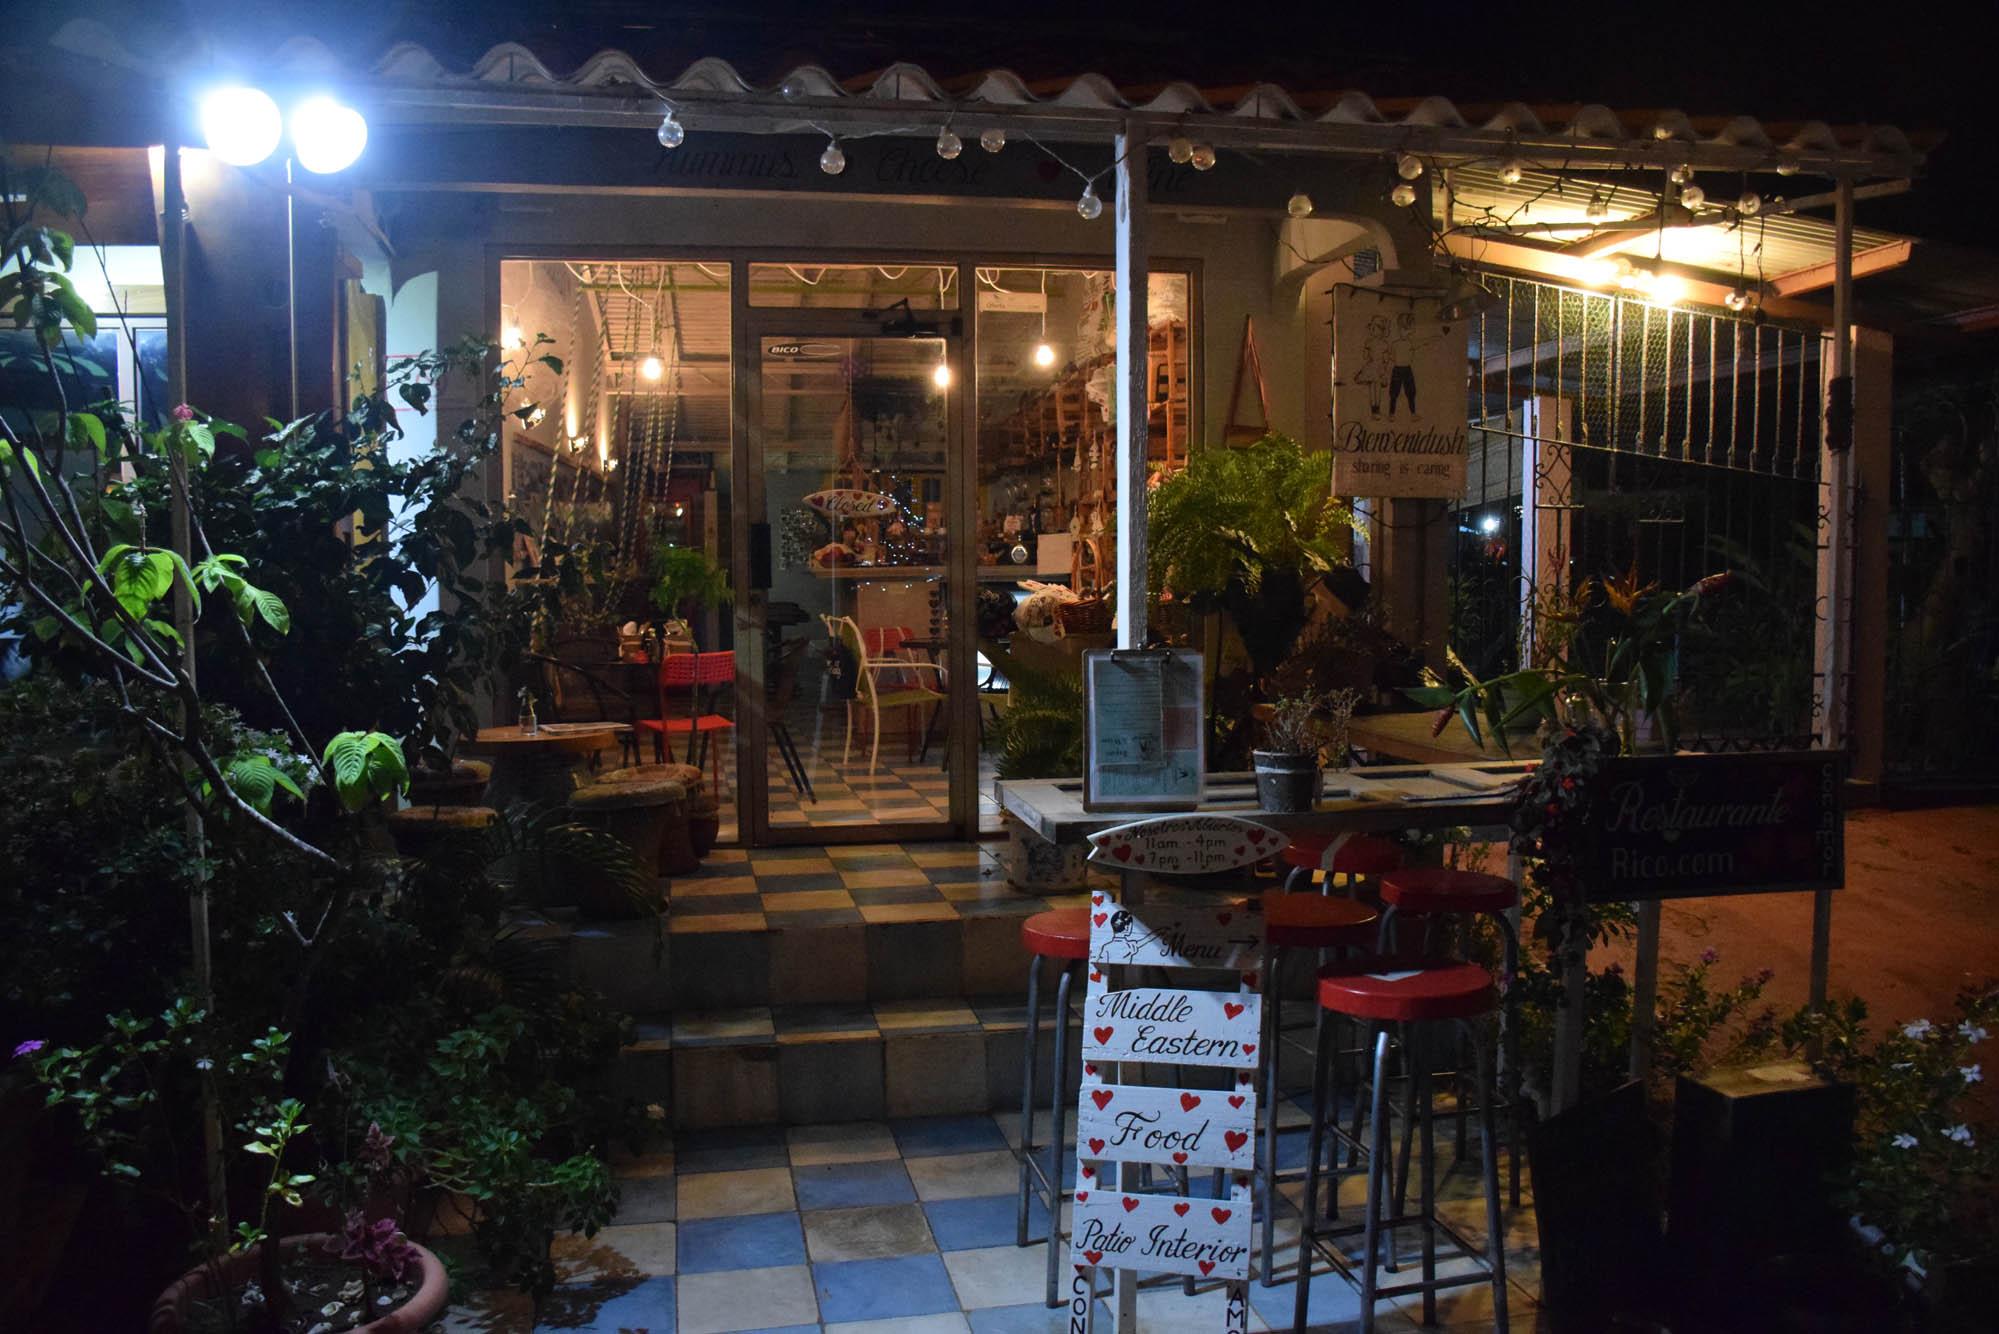 Restaurante, bar e cafeteria Bienvenidush, em Pedasí - Panamá